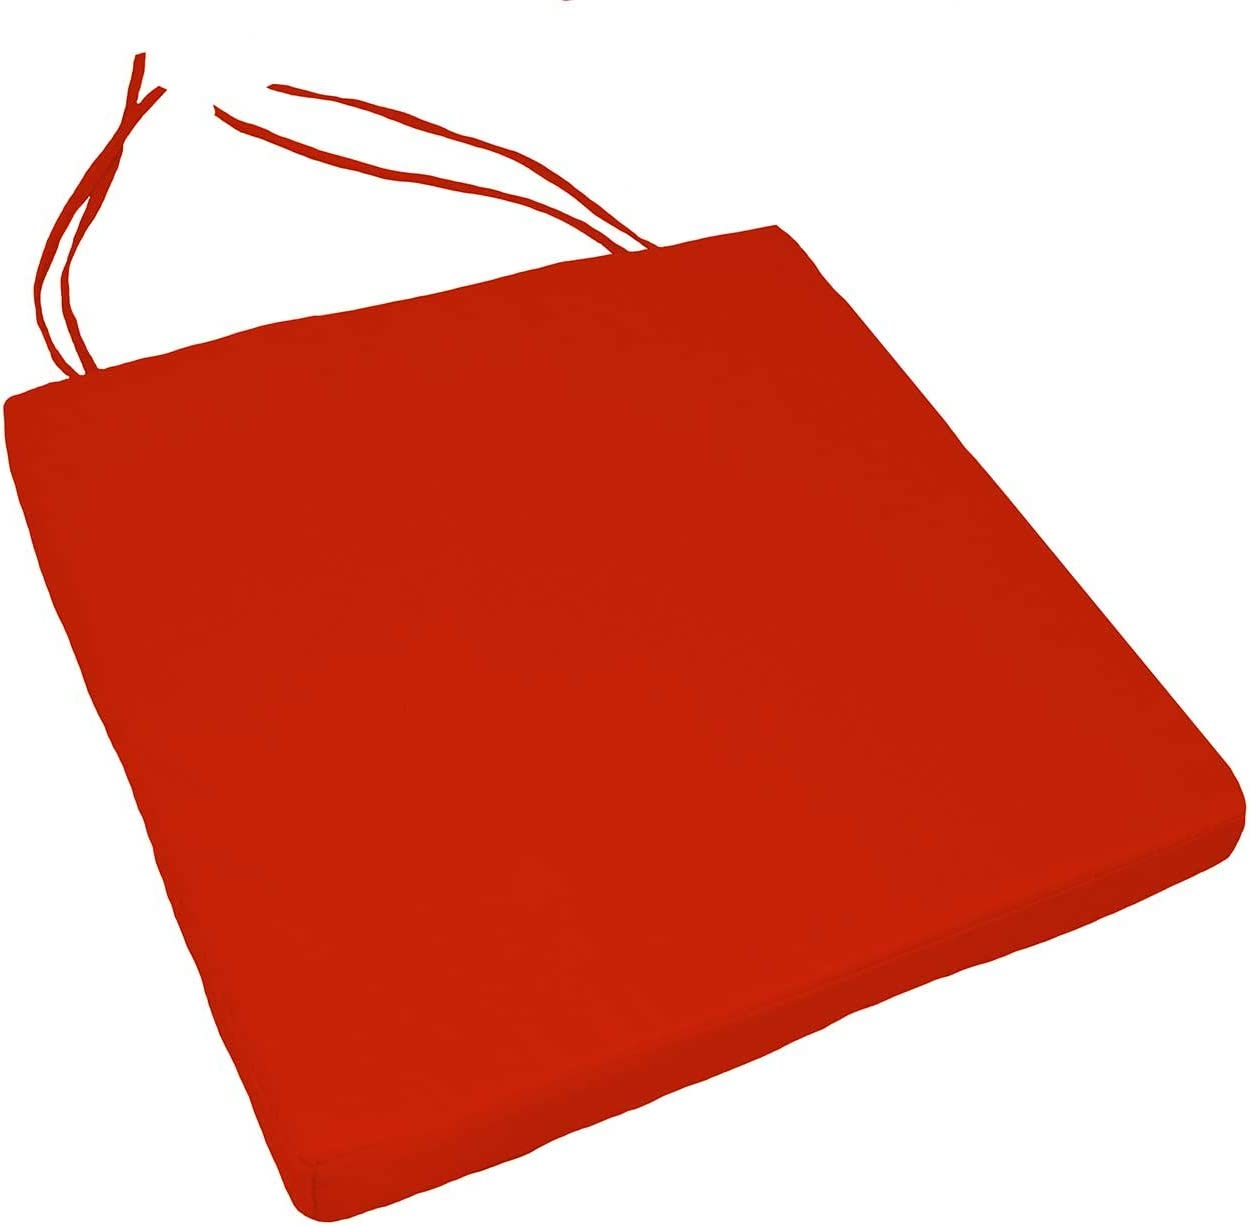 GEZICHTA carr/é 40/cm x 40/cm solide Uni Galette de chaise carr/ée de jardin de cuisine salle /à manger Chaise Coussin 40cm by 40cm Red